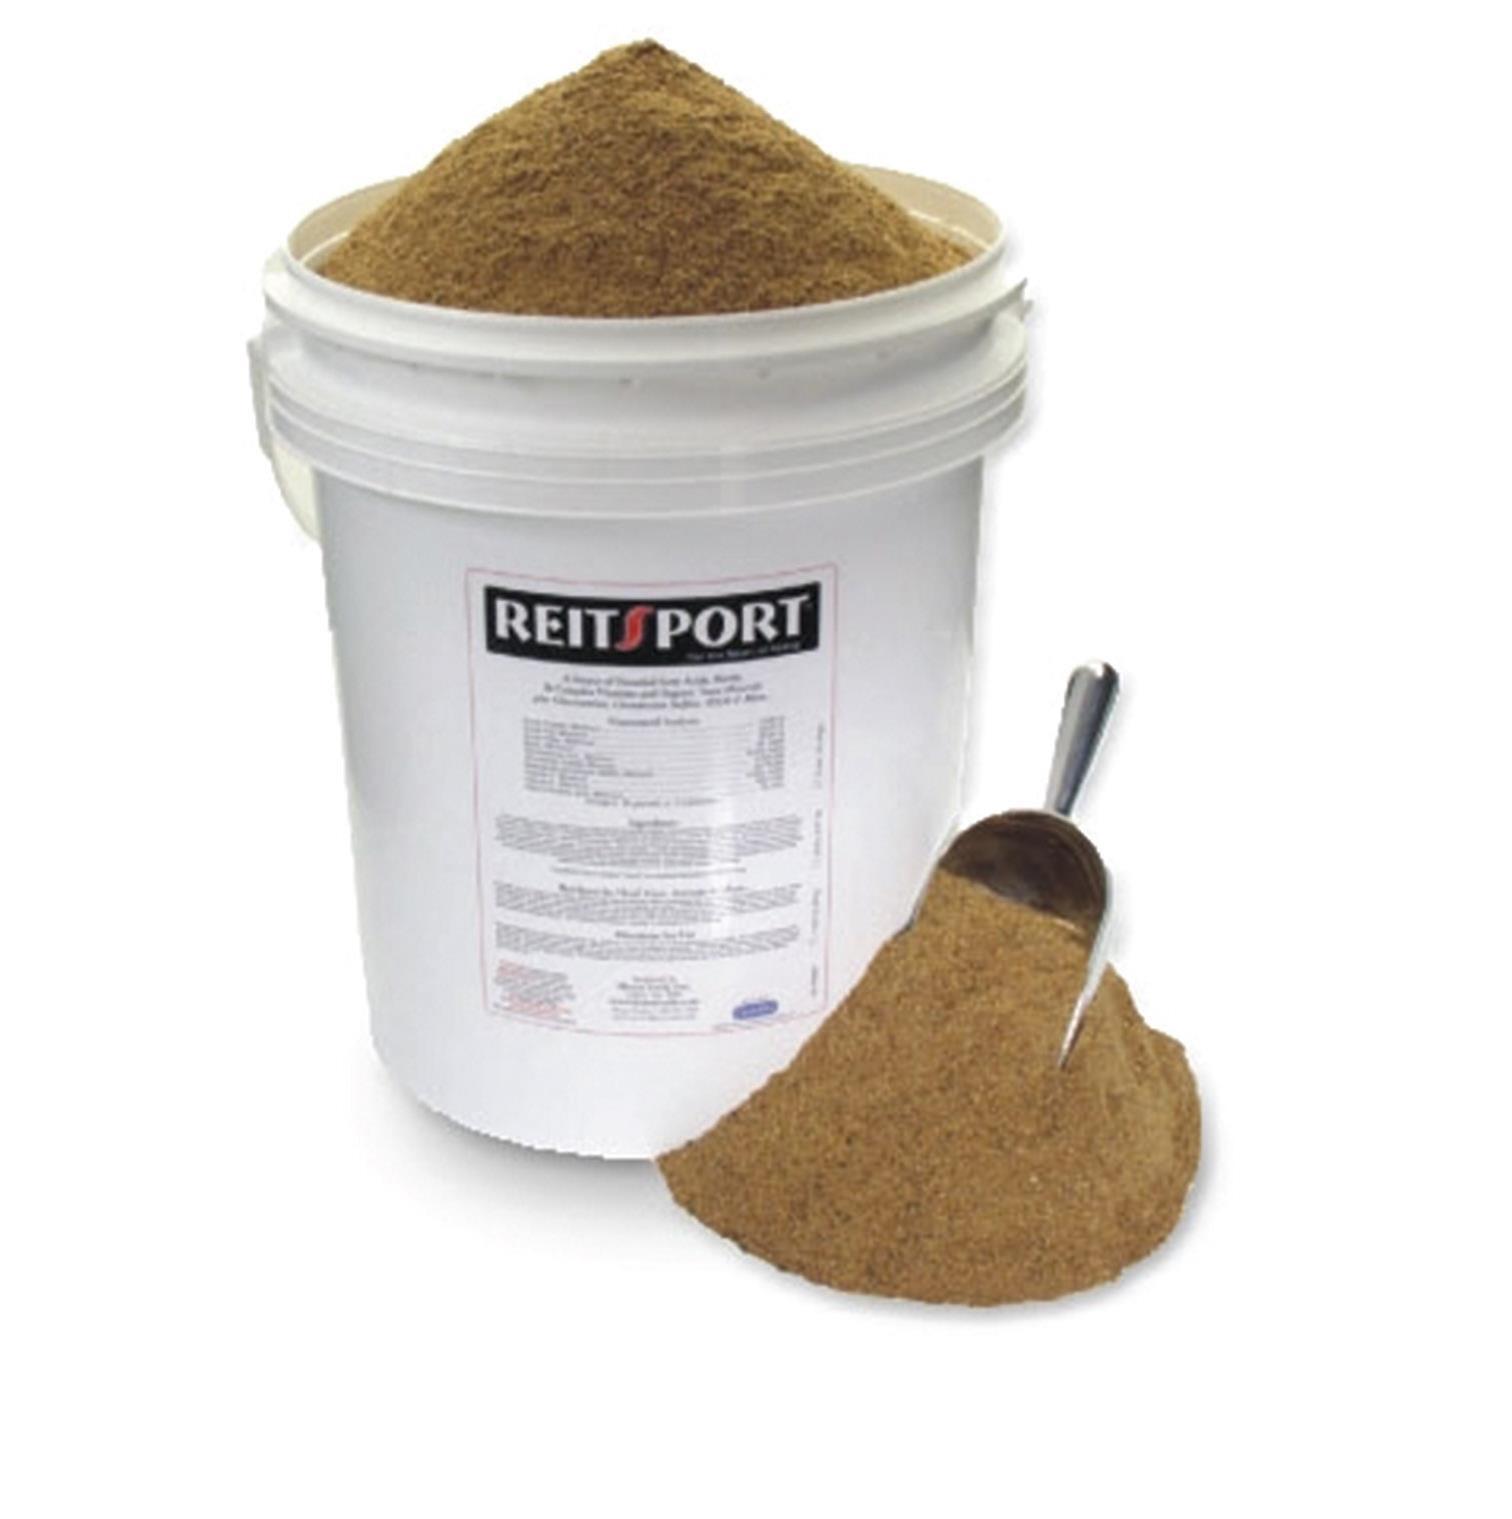 ReitSport®